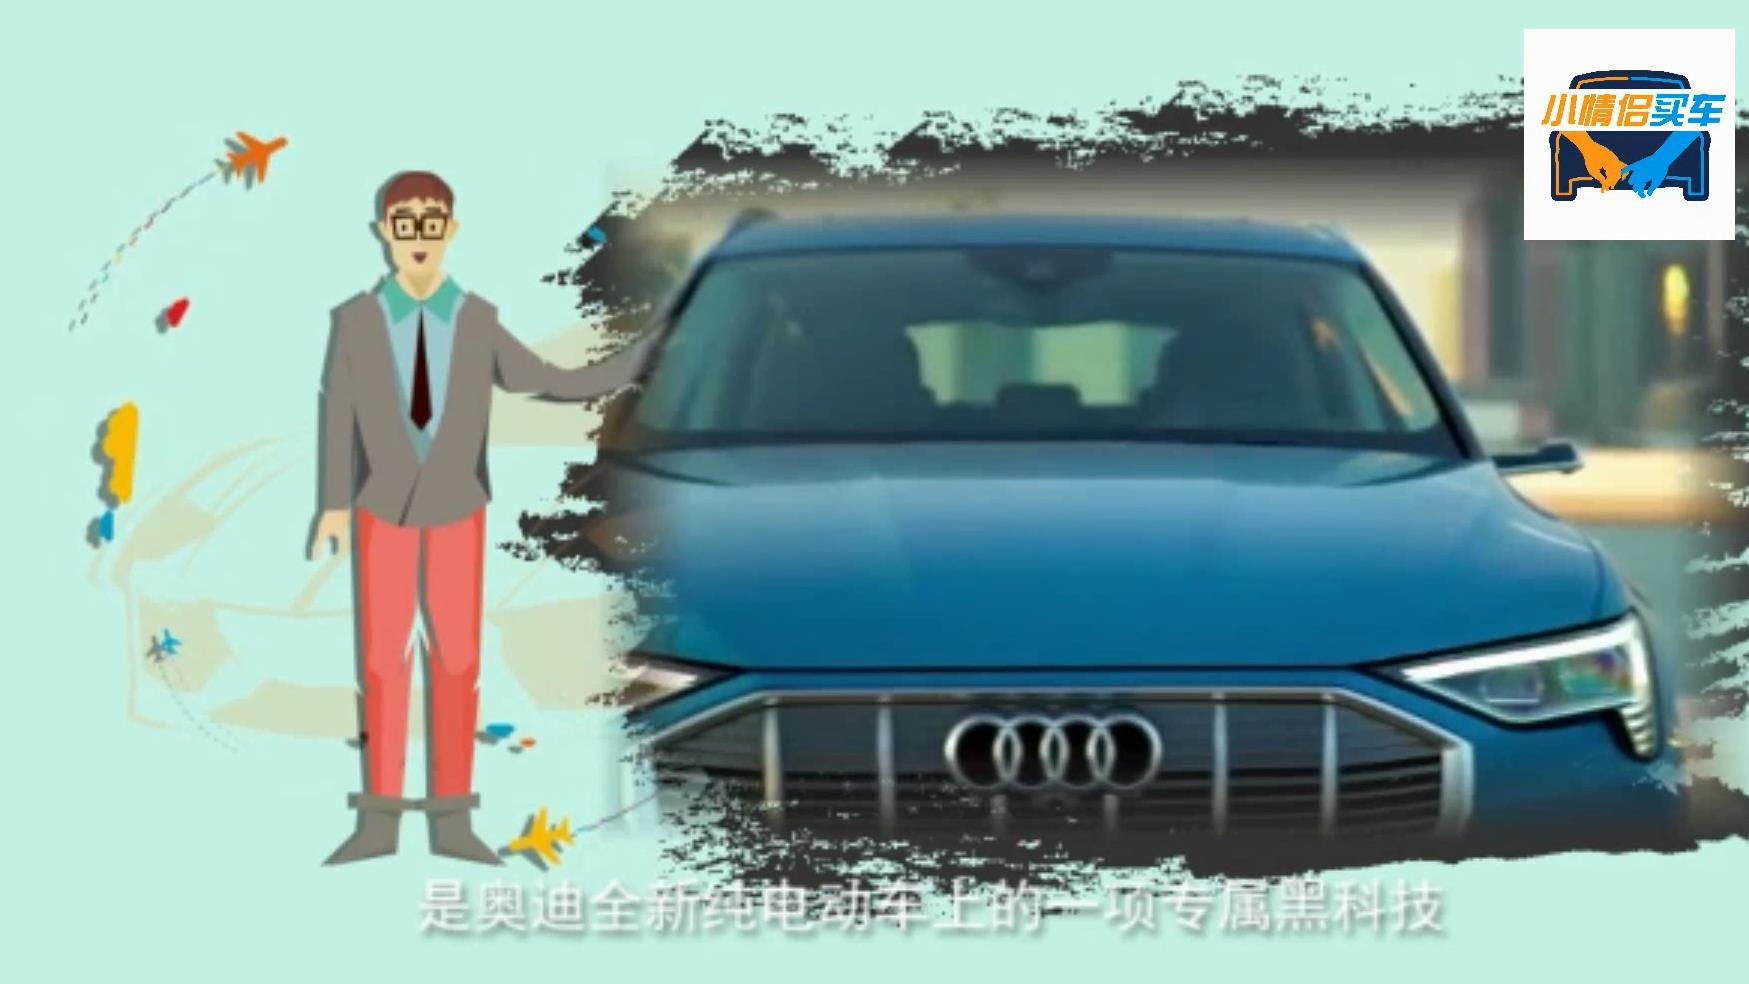 纯电动SUV奥迪ETRON上的内置虚拟外部镜像